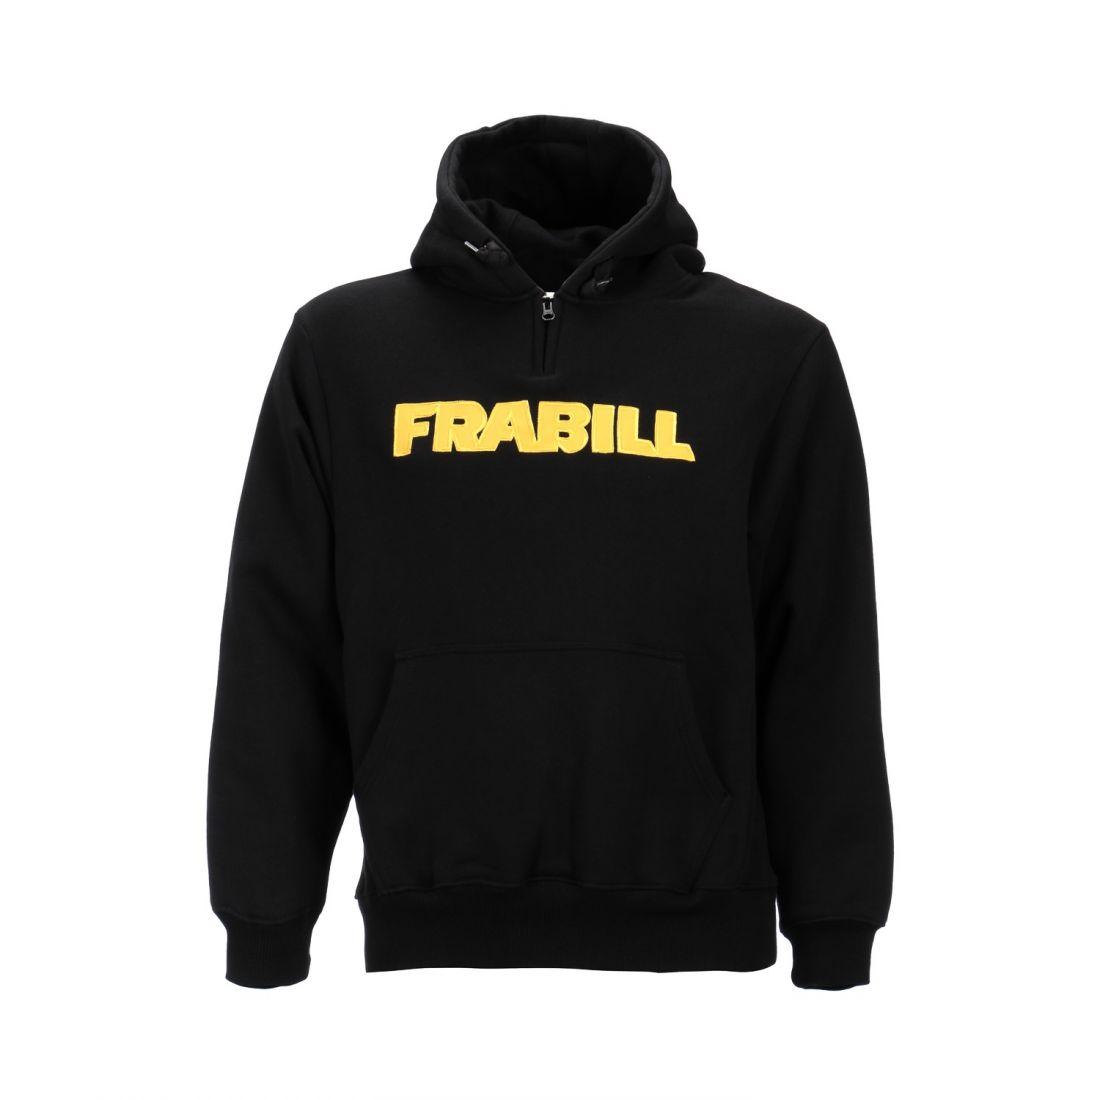 Кенгурушка Frabill Heavyweight Cotton Hooded Sweatshirt черная размер M